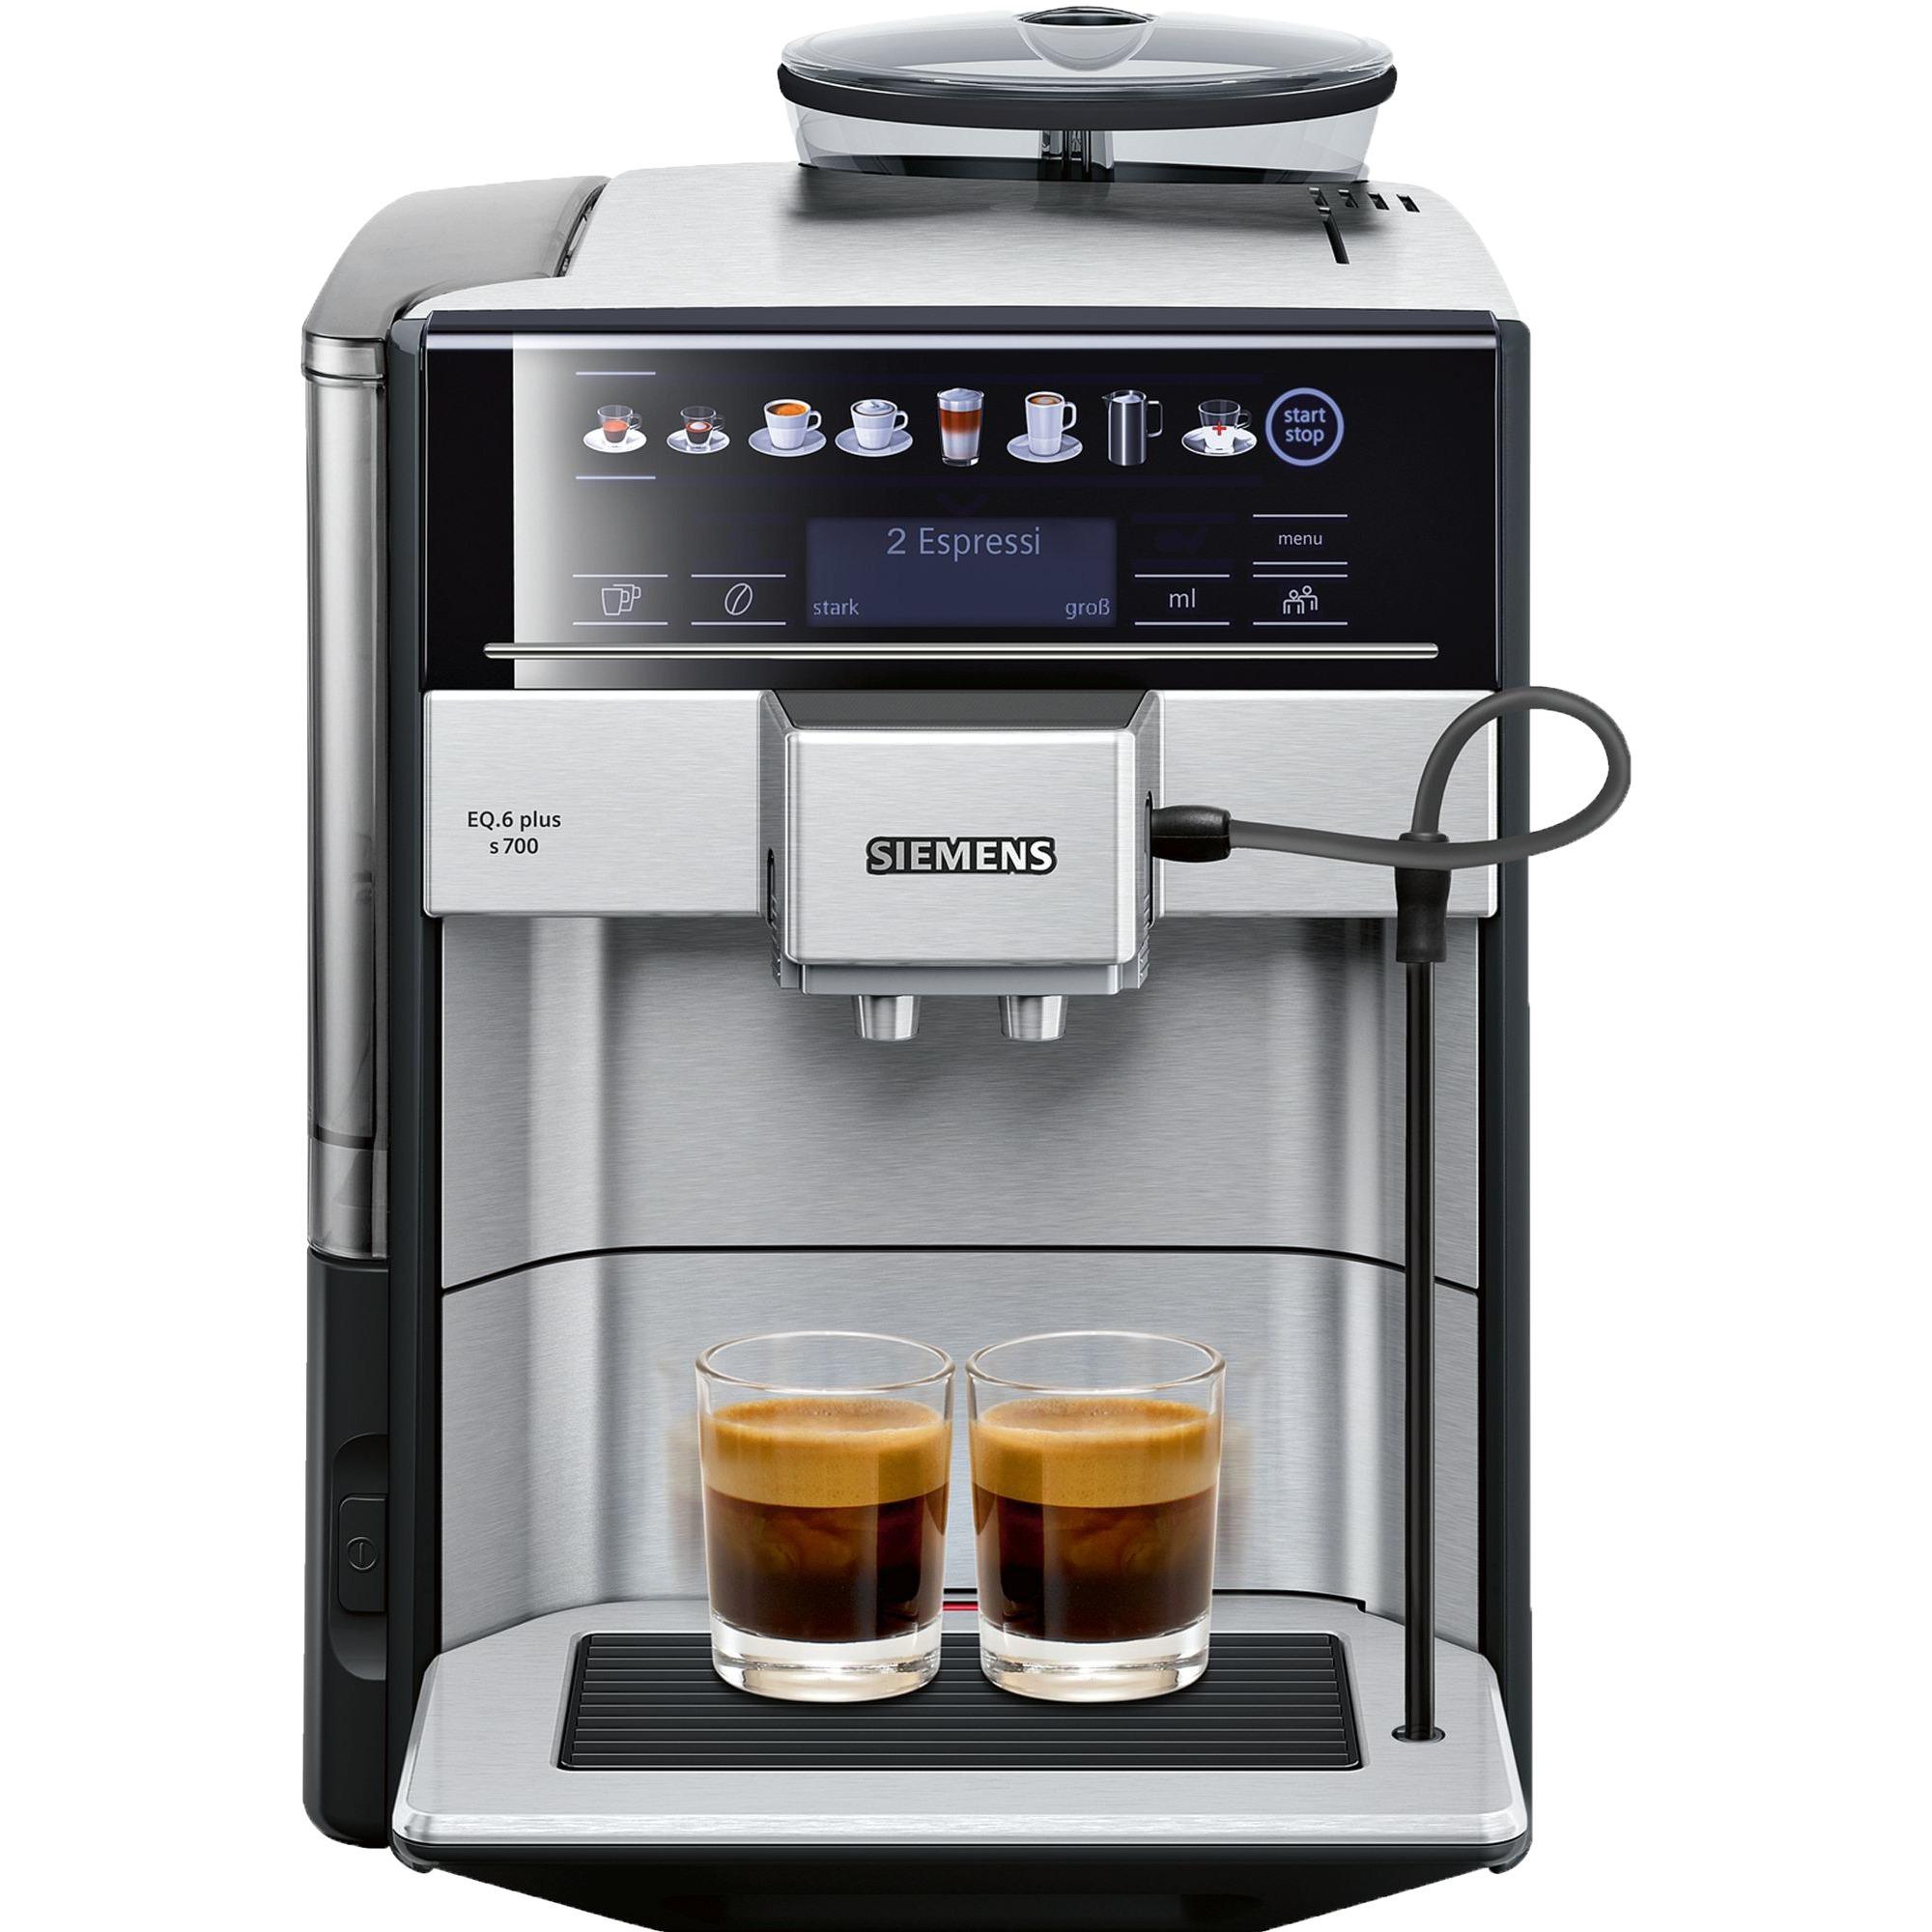 EQ.6 plus s700 Independiente Totalmente automática Máquina espresso 1.7L 2tazas Negro, Gris, Superautomática